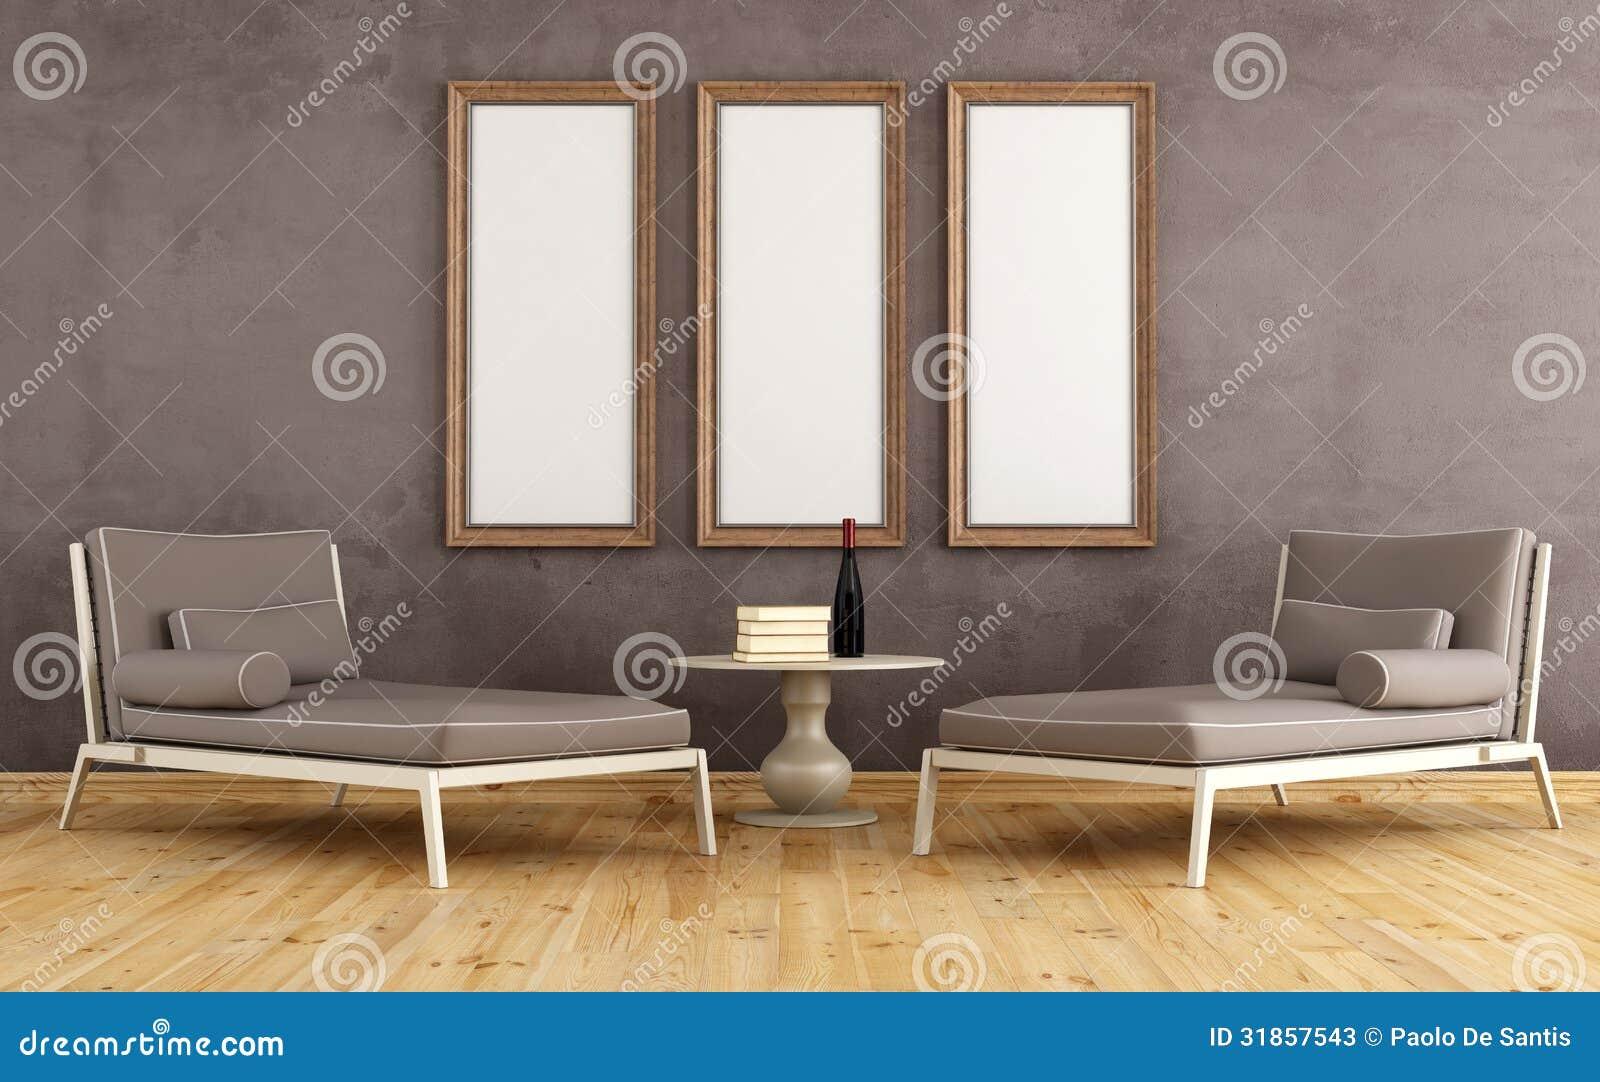 Woonkamer idee bruin for Bruin grijs interieur